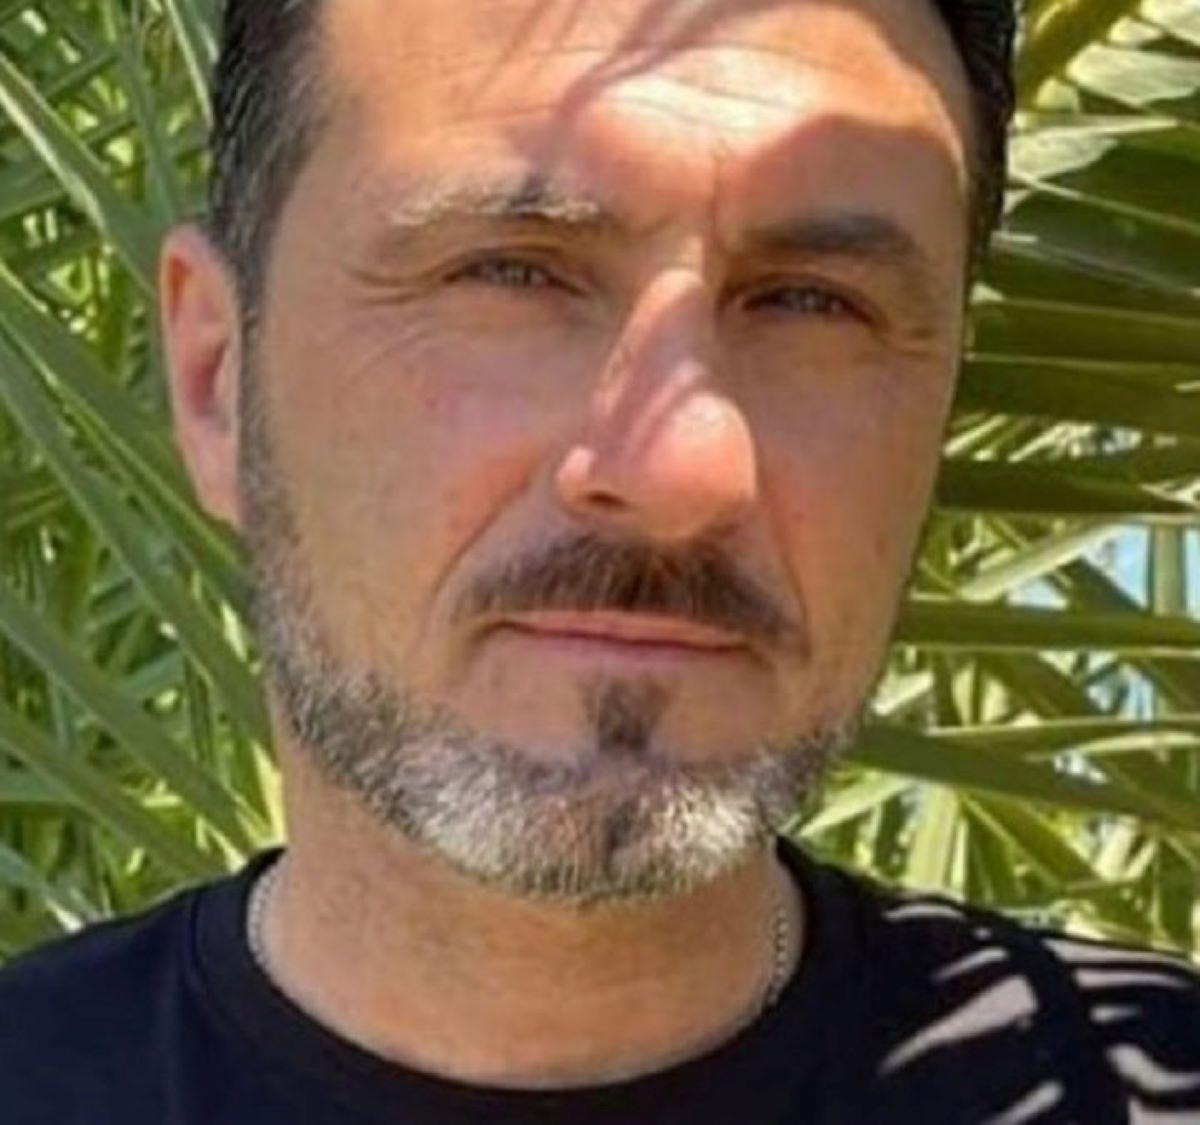 Sossio Aruta Ricordo Da Cancellare Temptation Island